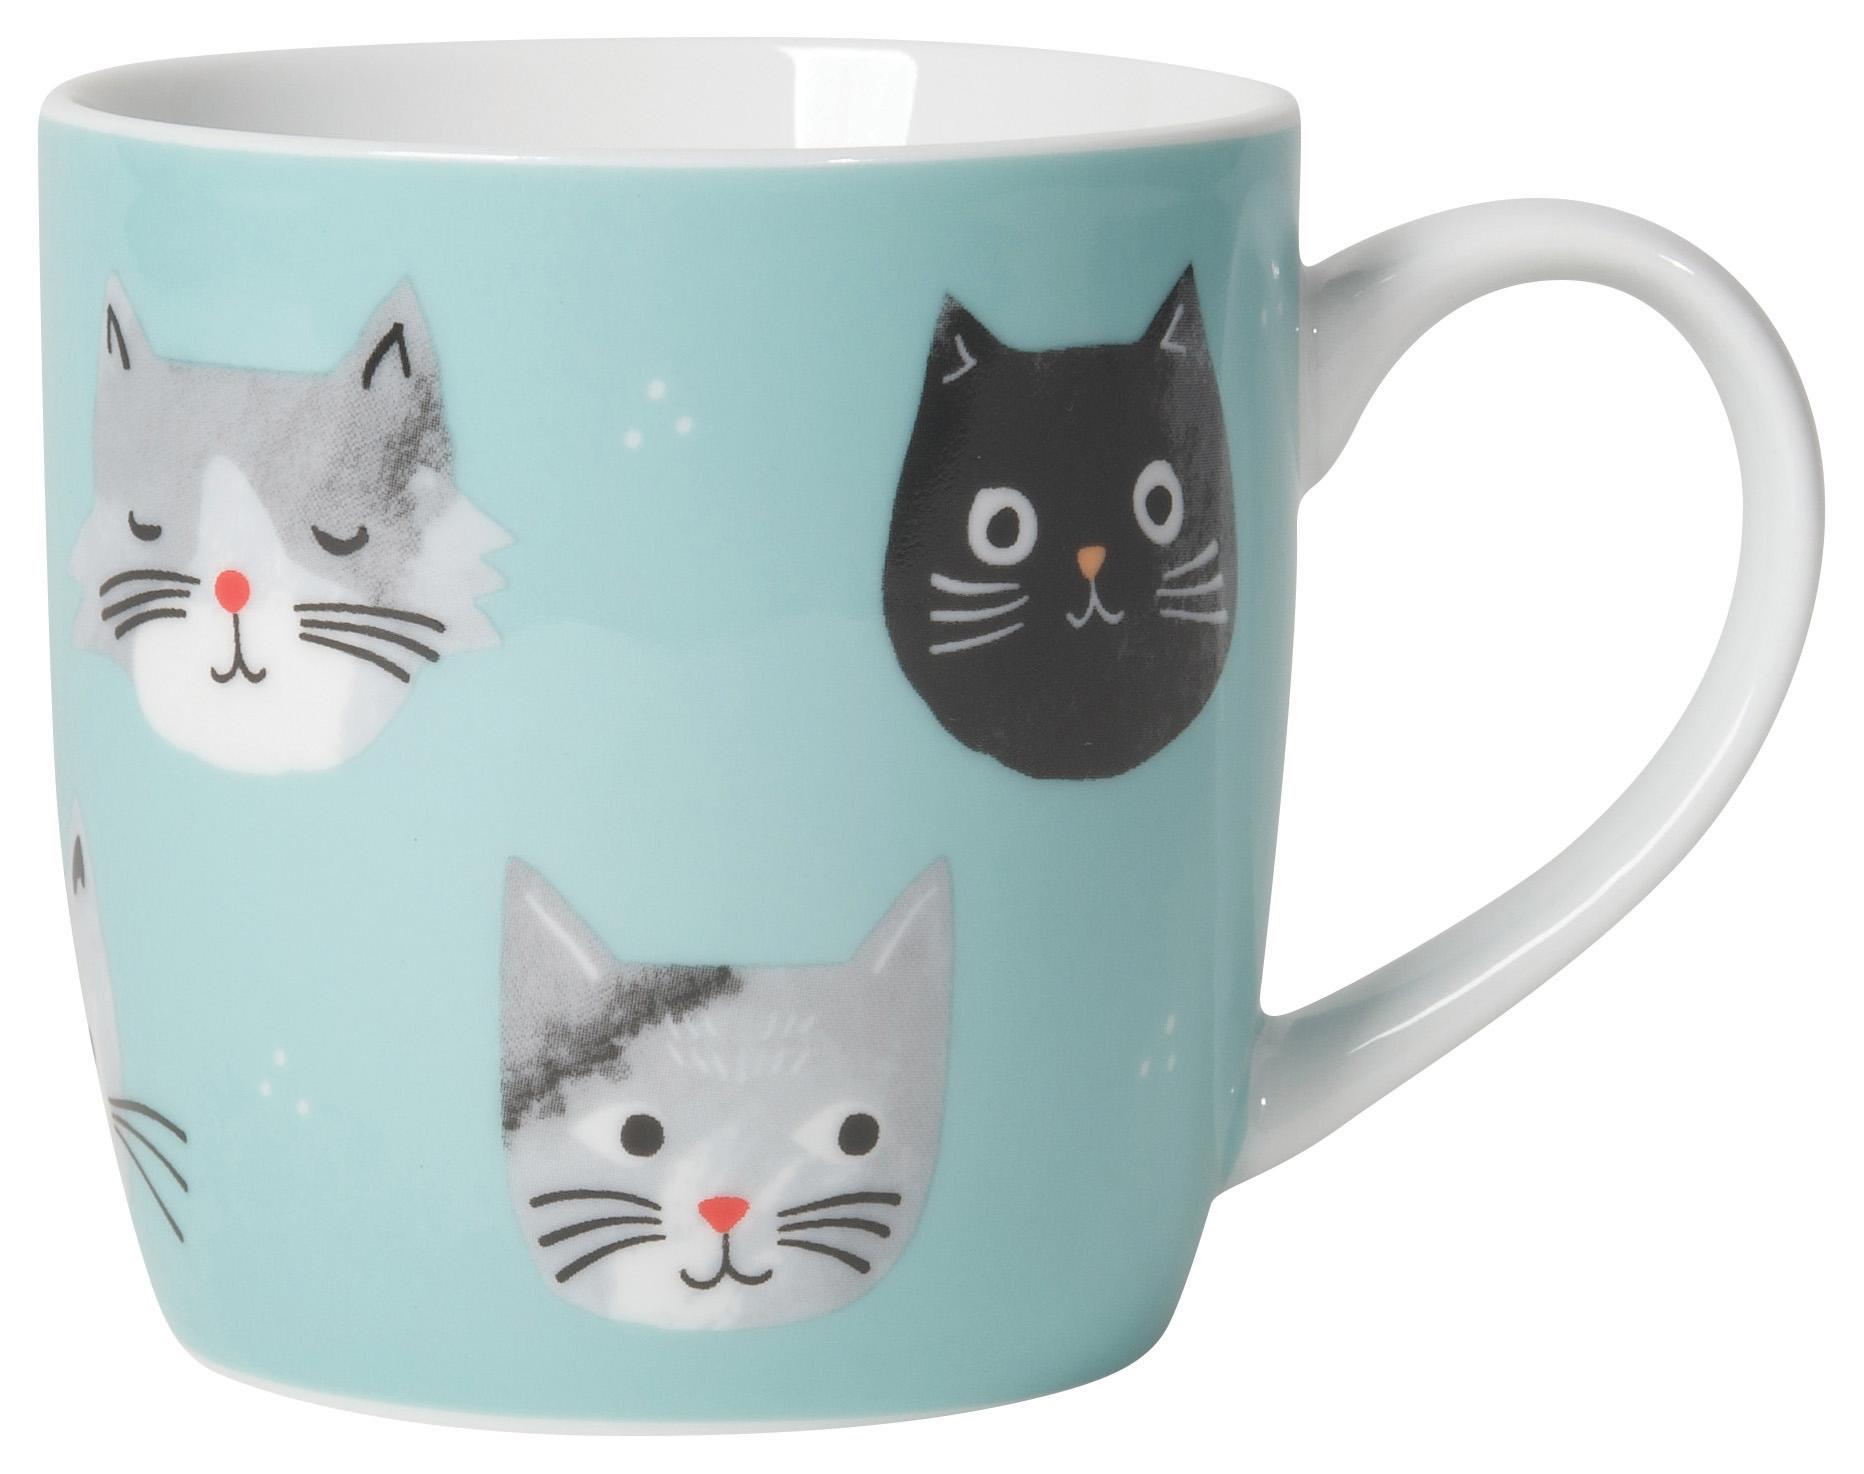 Mug Cats Meow